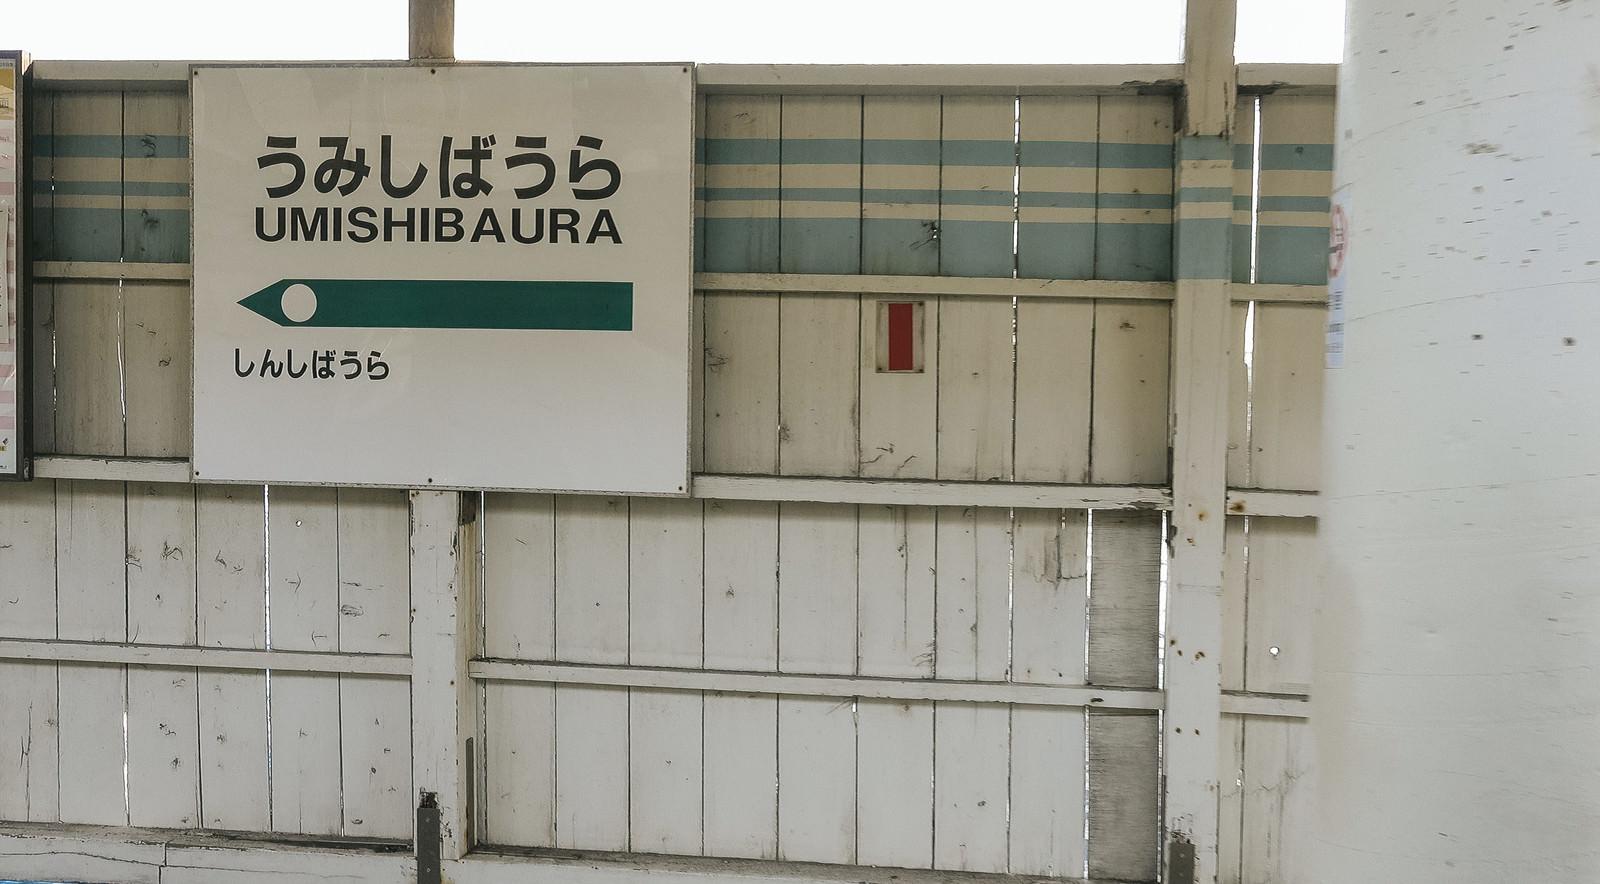 「うみしばうら駅の看板」の写真